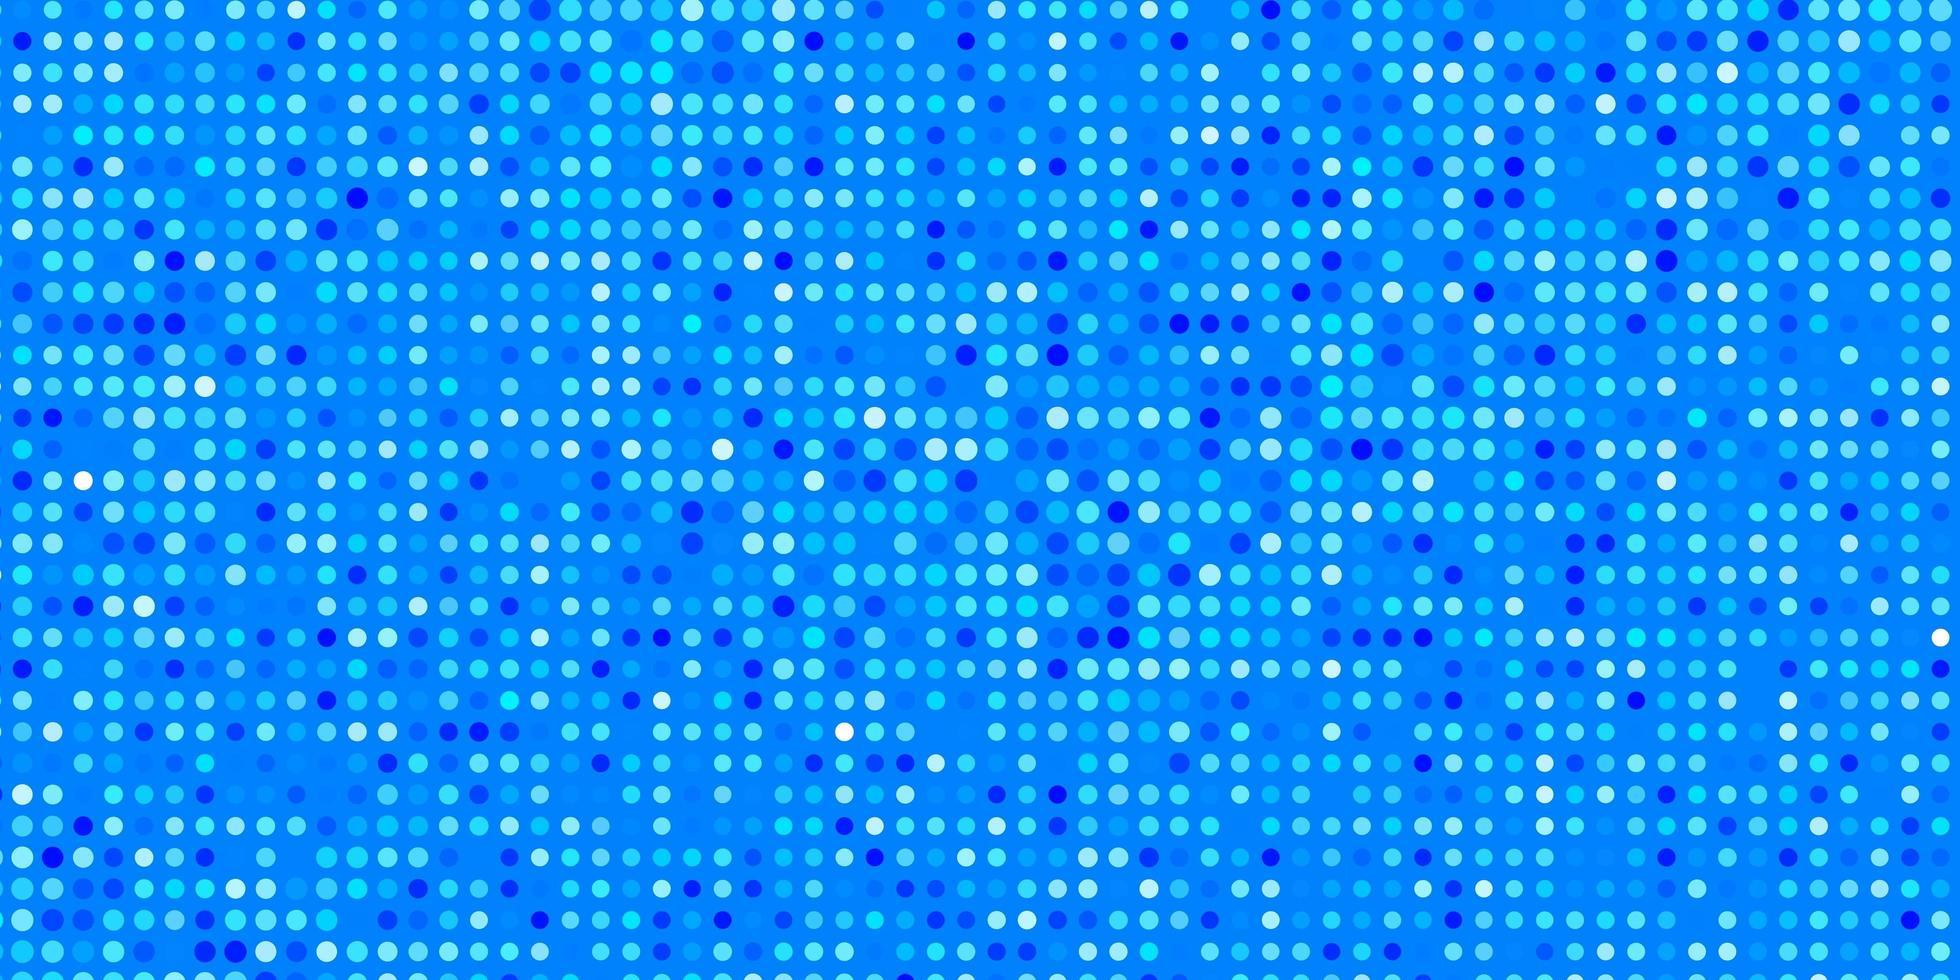 struttura di vettore blu chiaro con cerchi